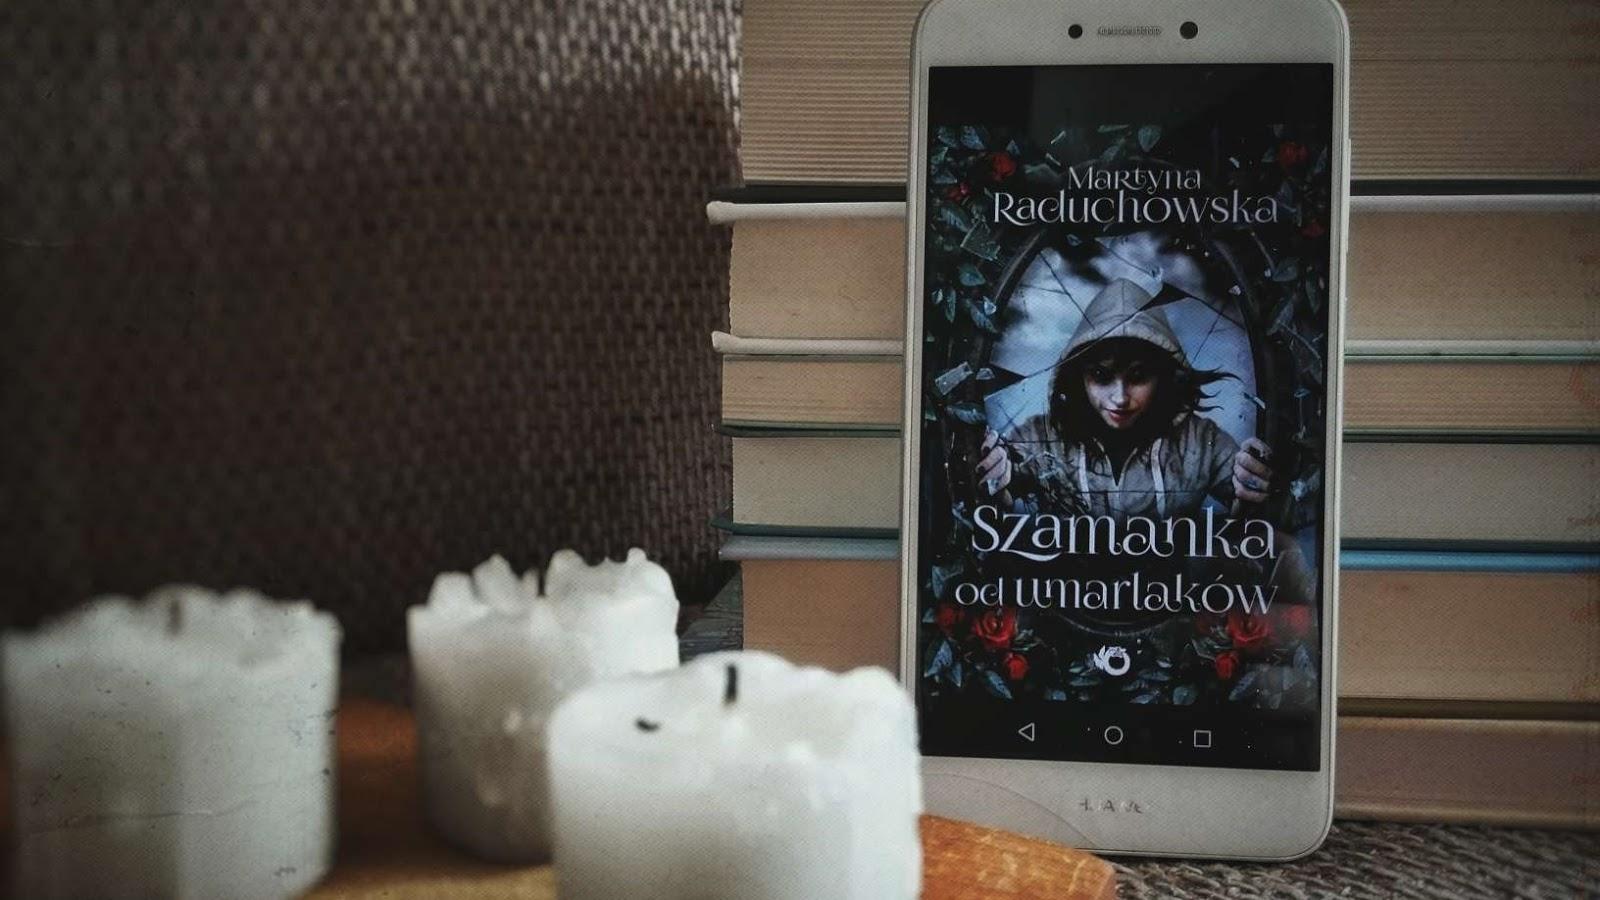 Była sobie Szamanka od umarlaków, czyli o serii Martyny Raduchowskiej